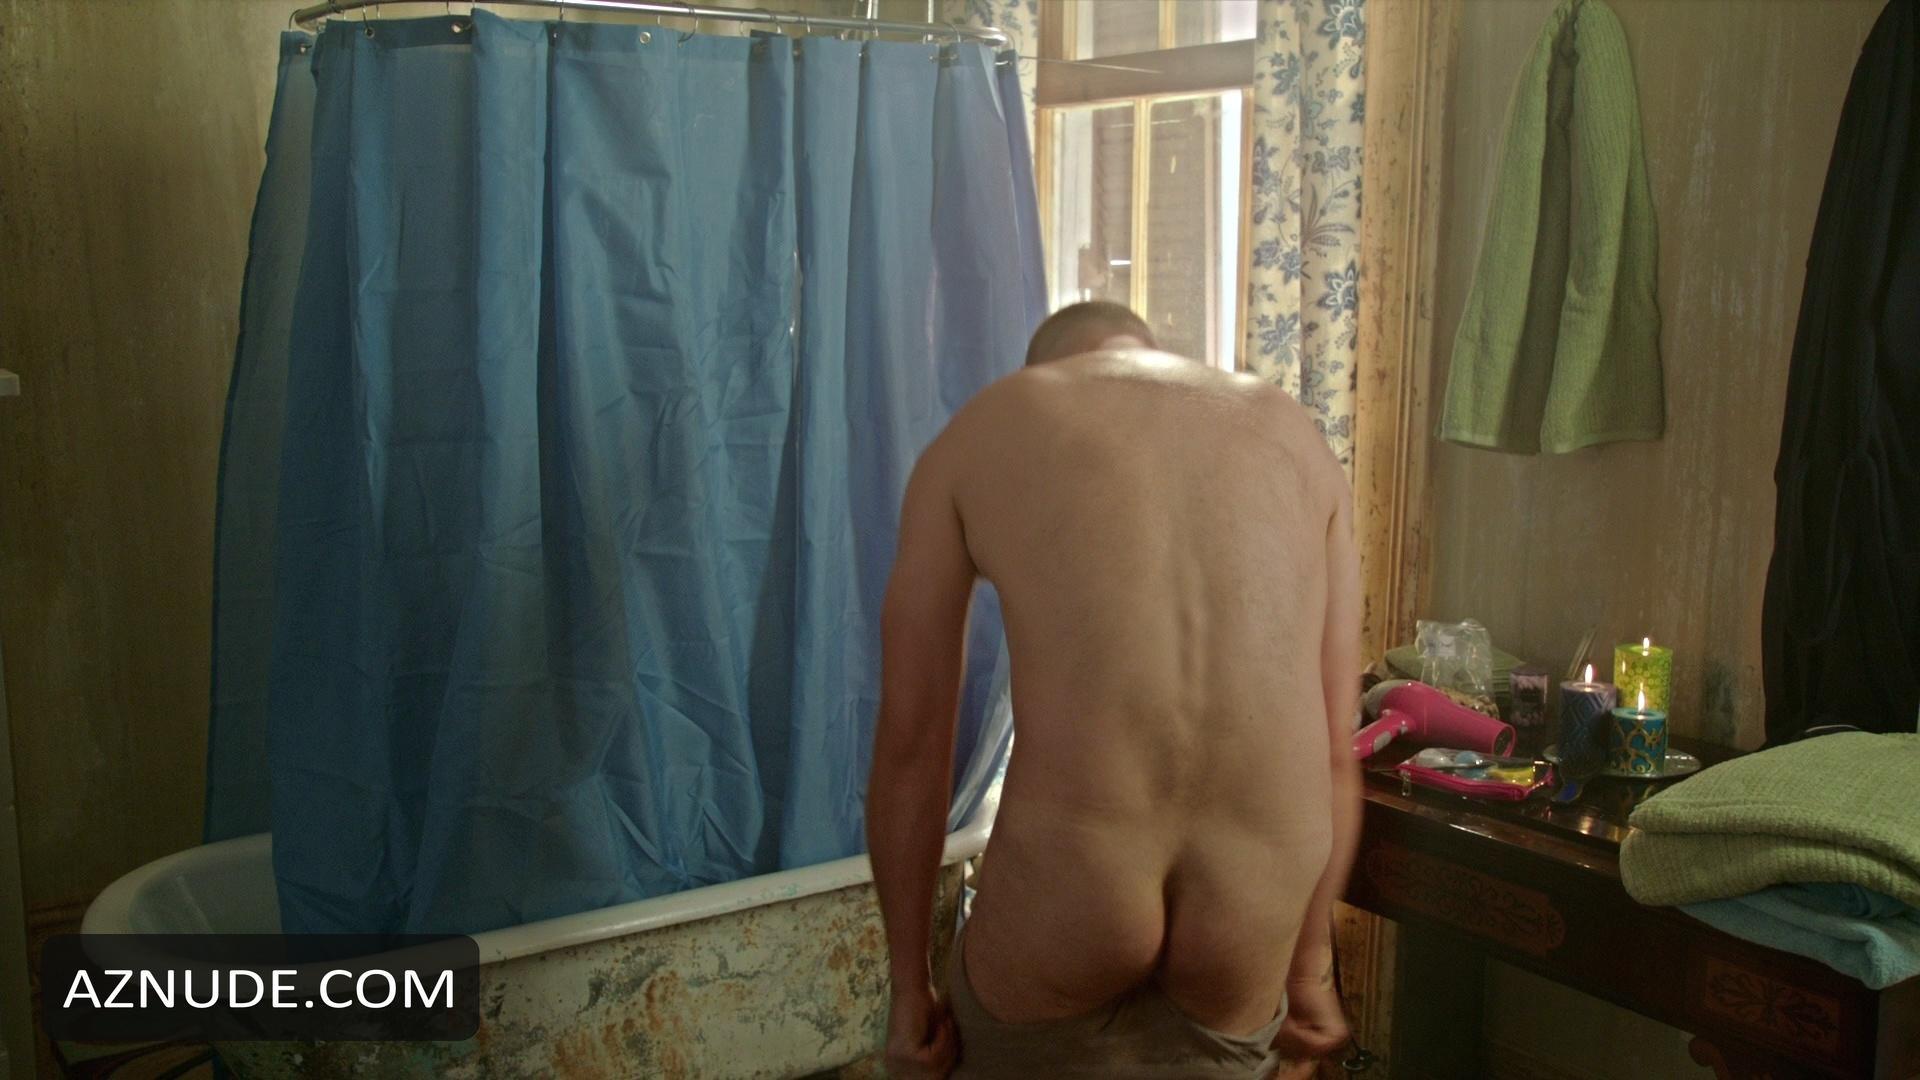 Best Naked In Shameless Photos